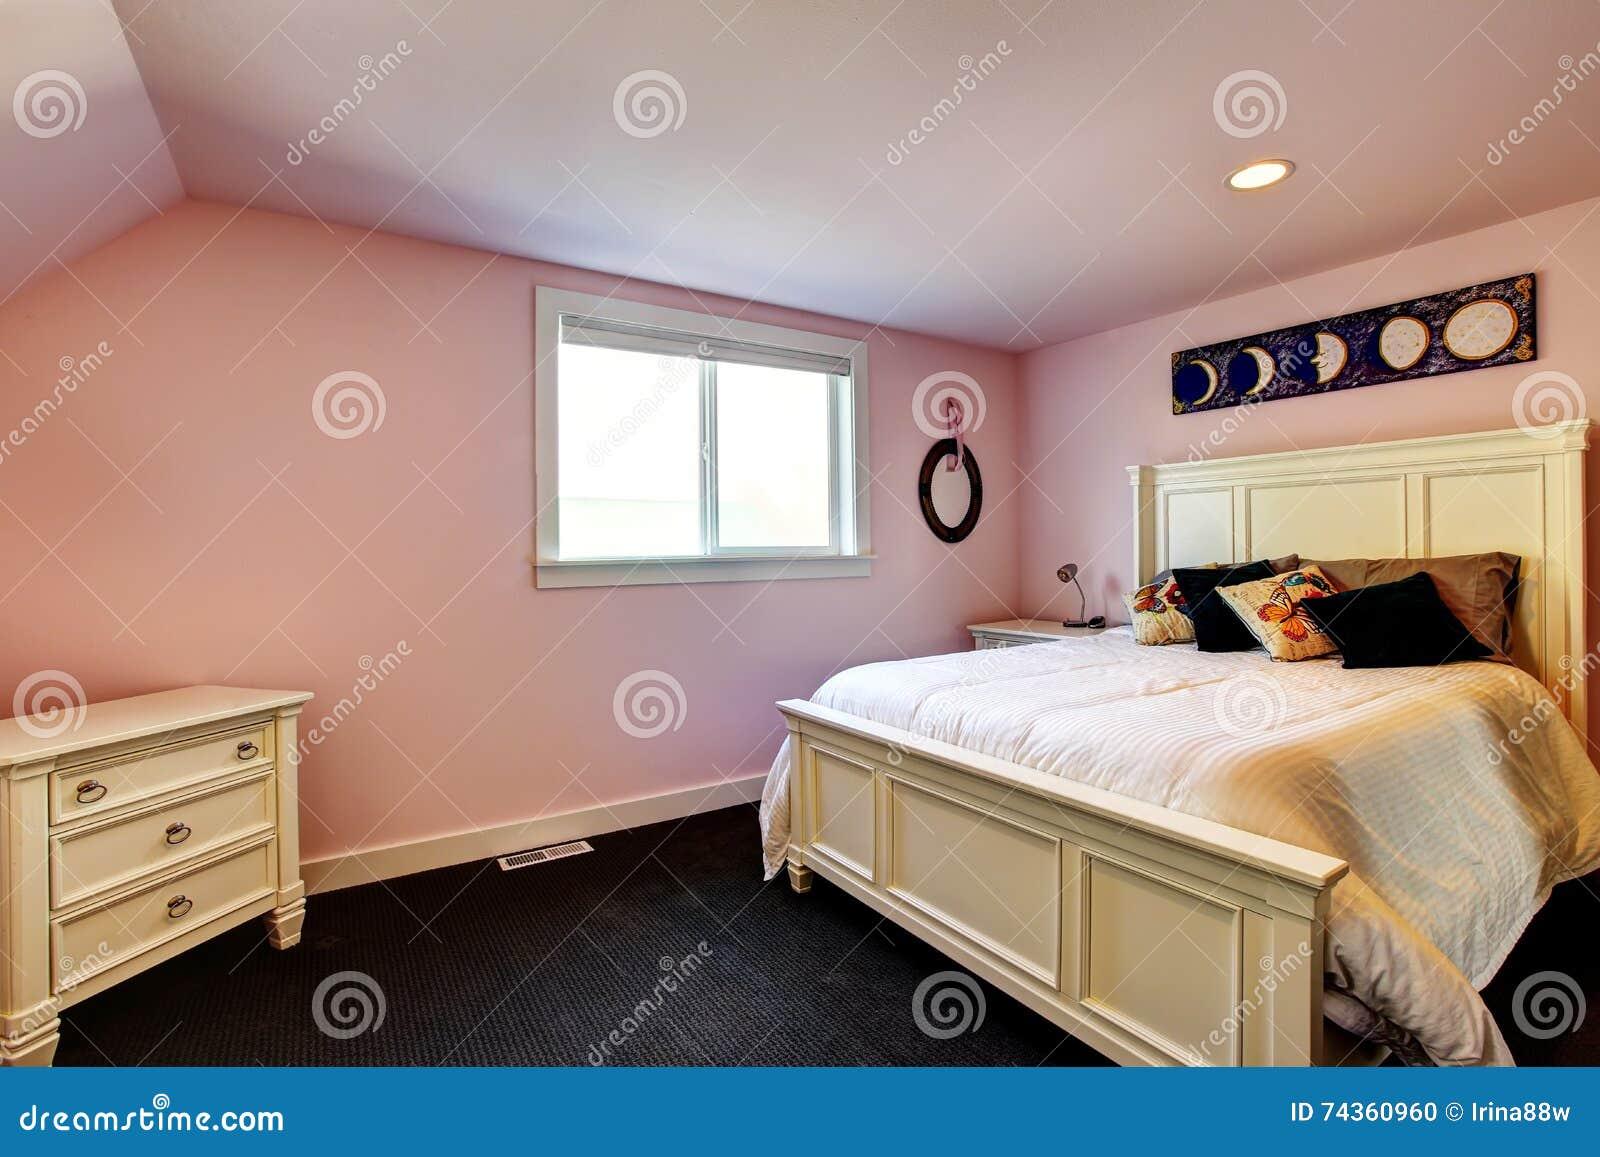 Modernes Schlafzimmer Mit Wänden In Den Rosa Tönen, Teppichboden ...